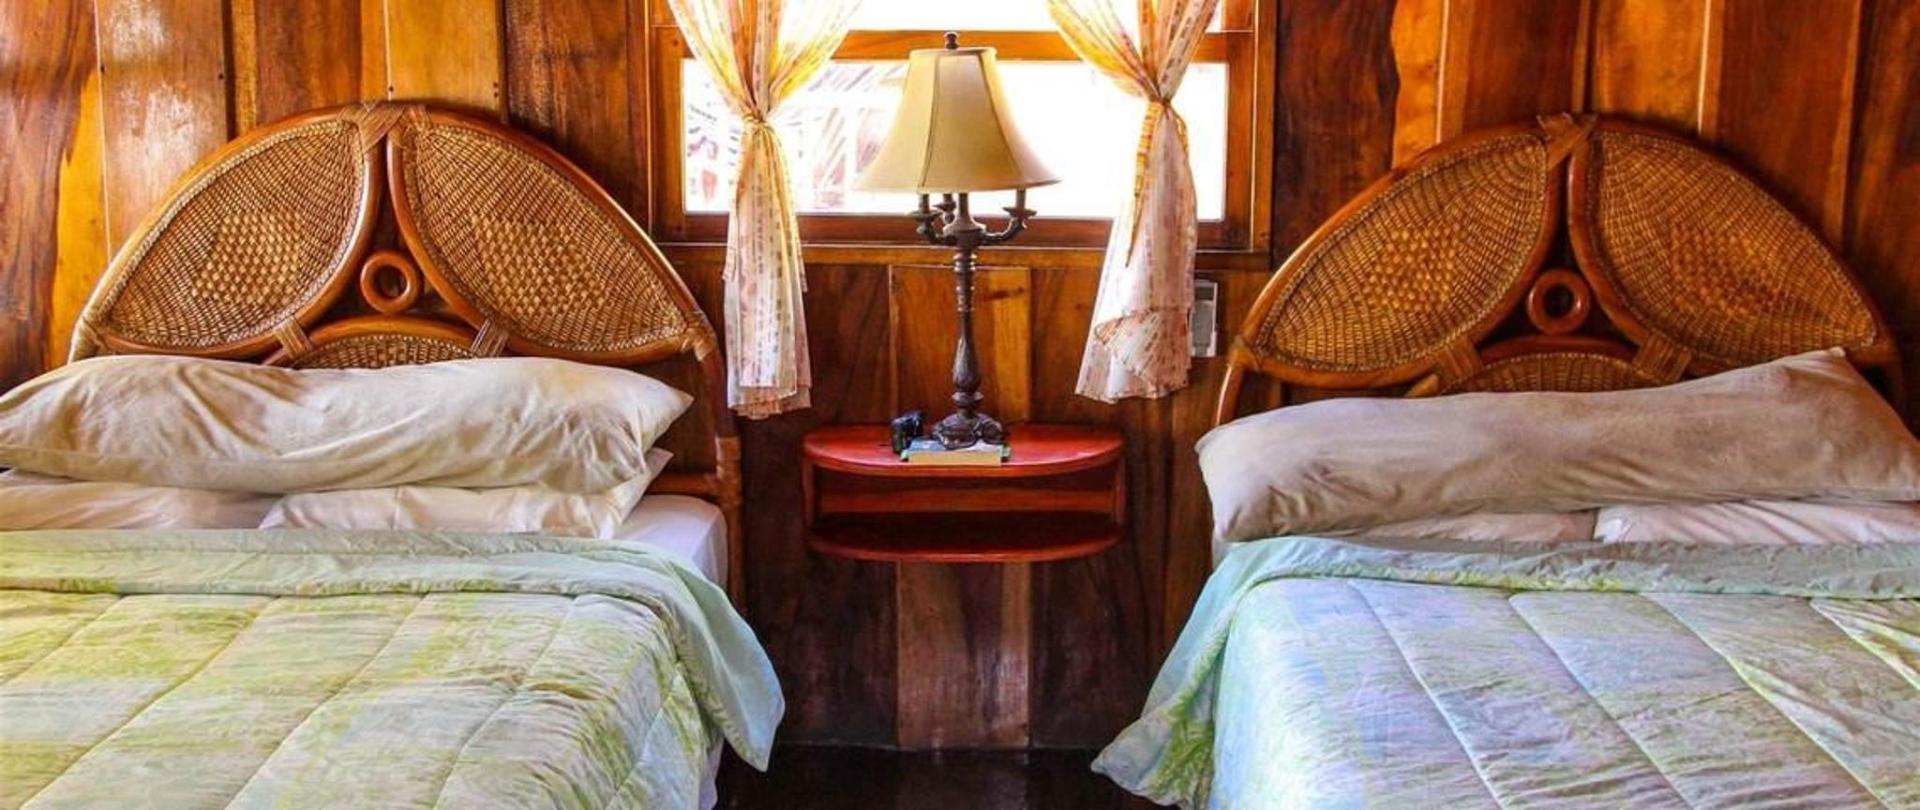 cabana-2-beds.jpg.1140x481_default.jpg